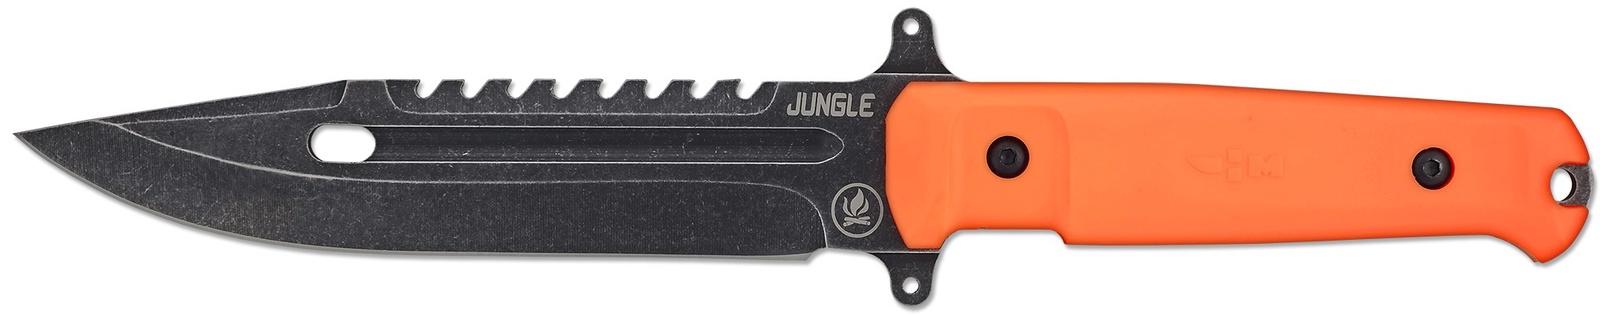 Нож выживания туристический с нейлоновым чехлом Ножемир Jungle H-194 нож м b 265 34 ясень нескладной хозяйственно бытовой с нейлоновым чехлом